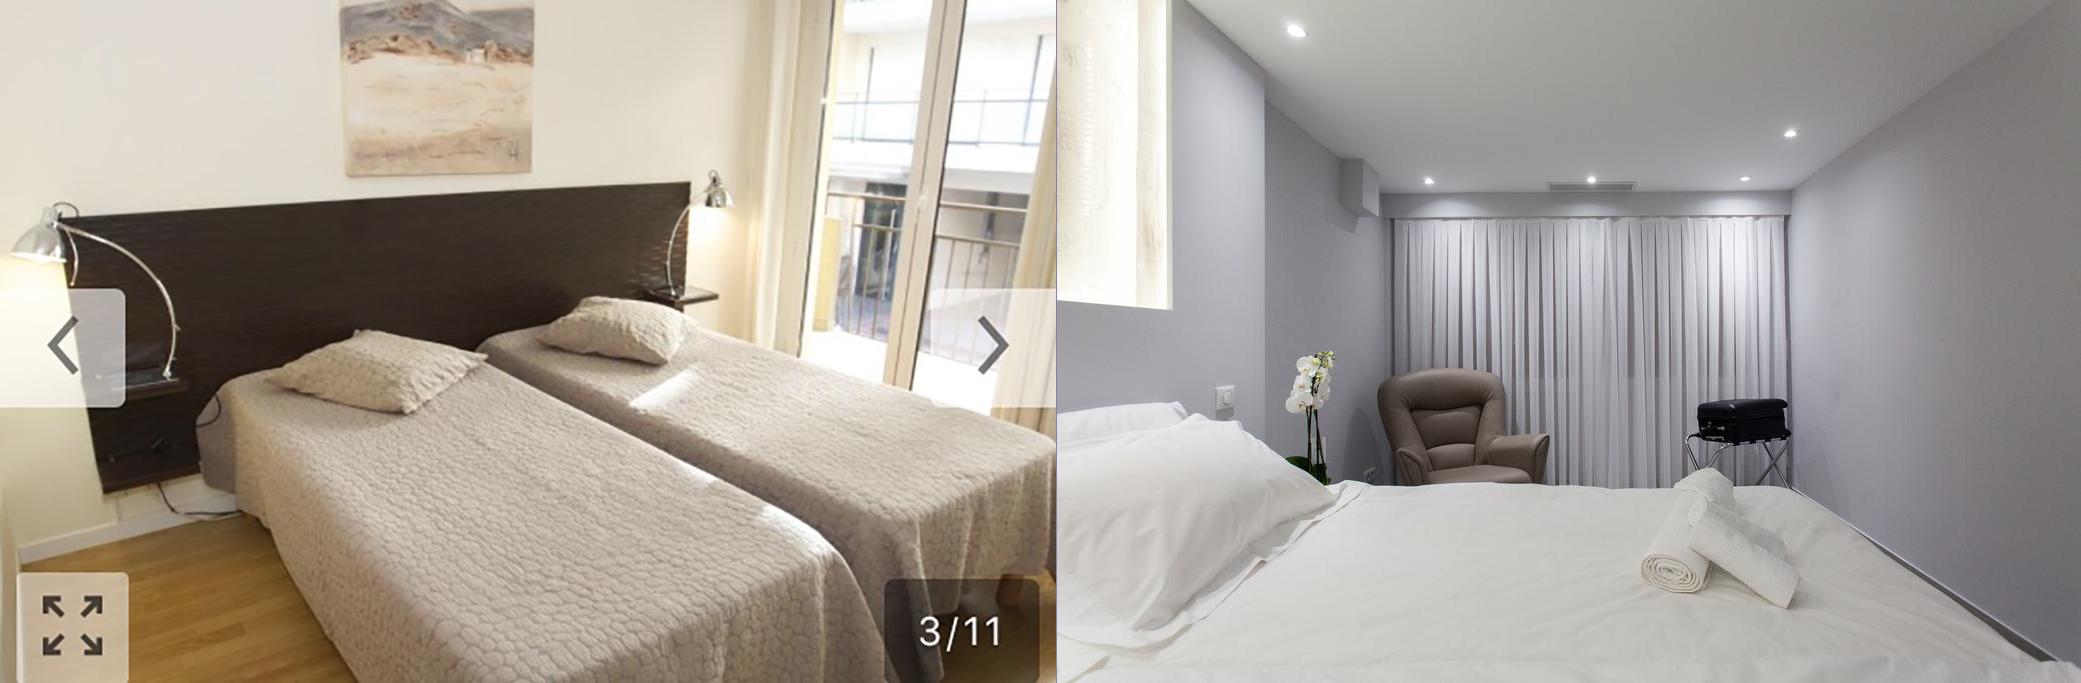 La décoration de la chambre